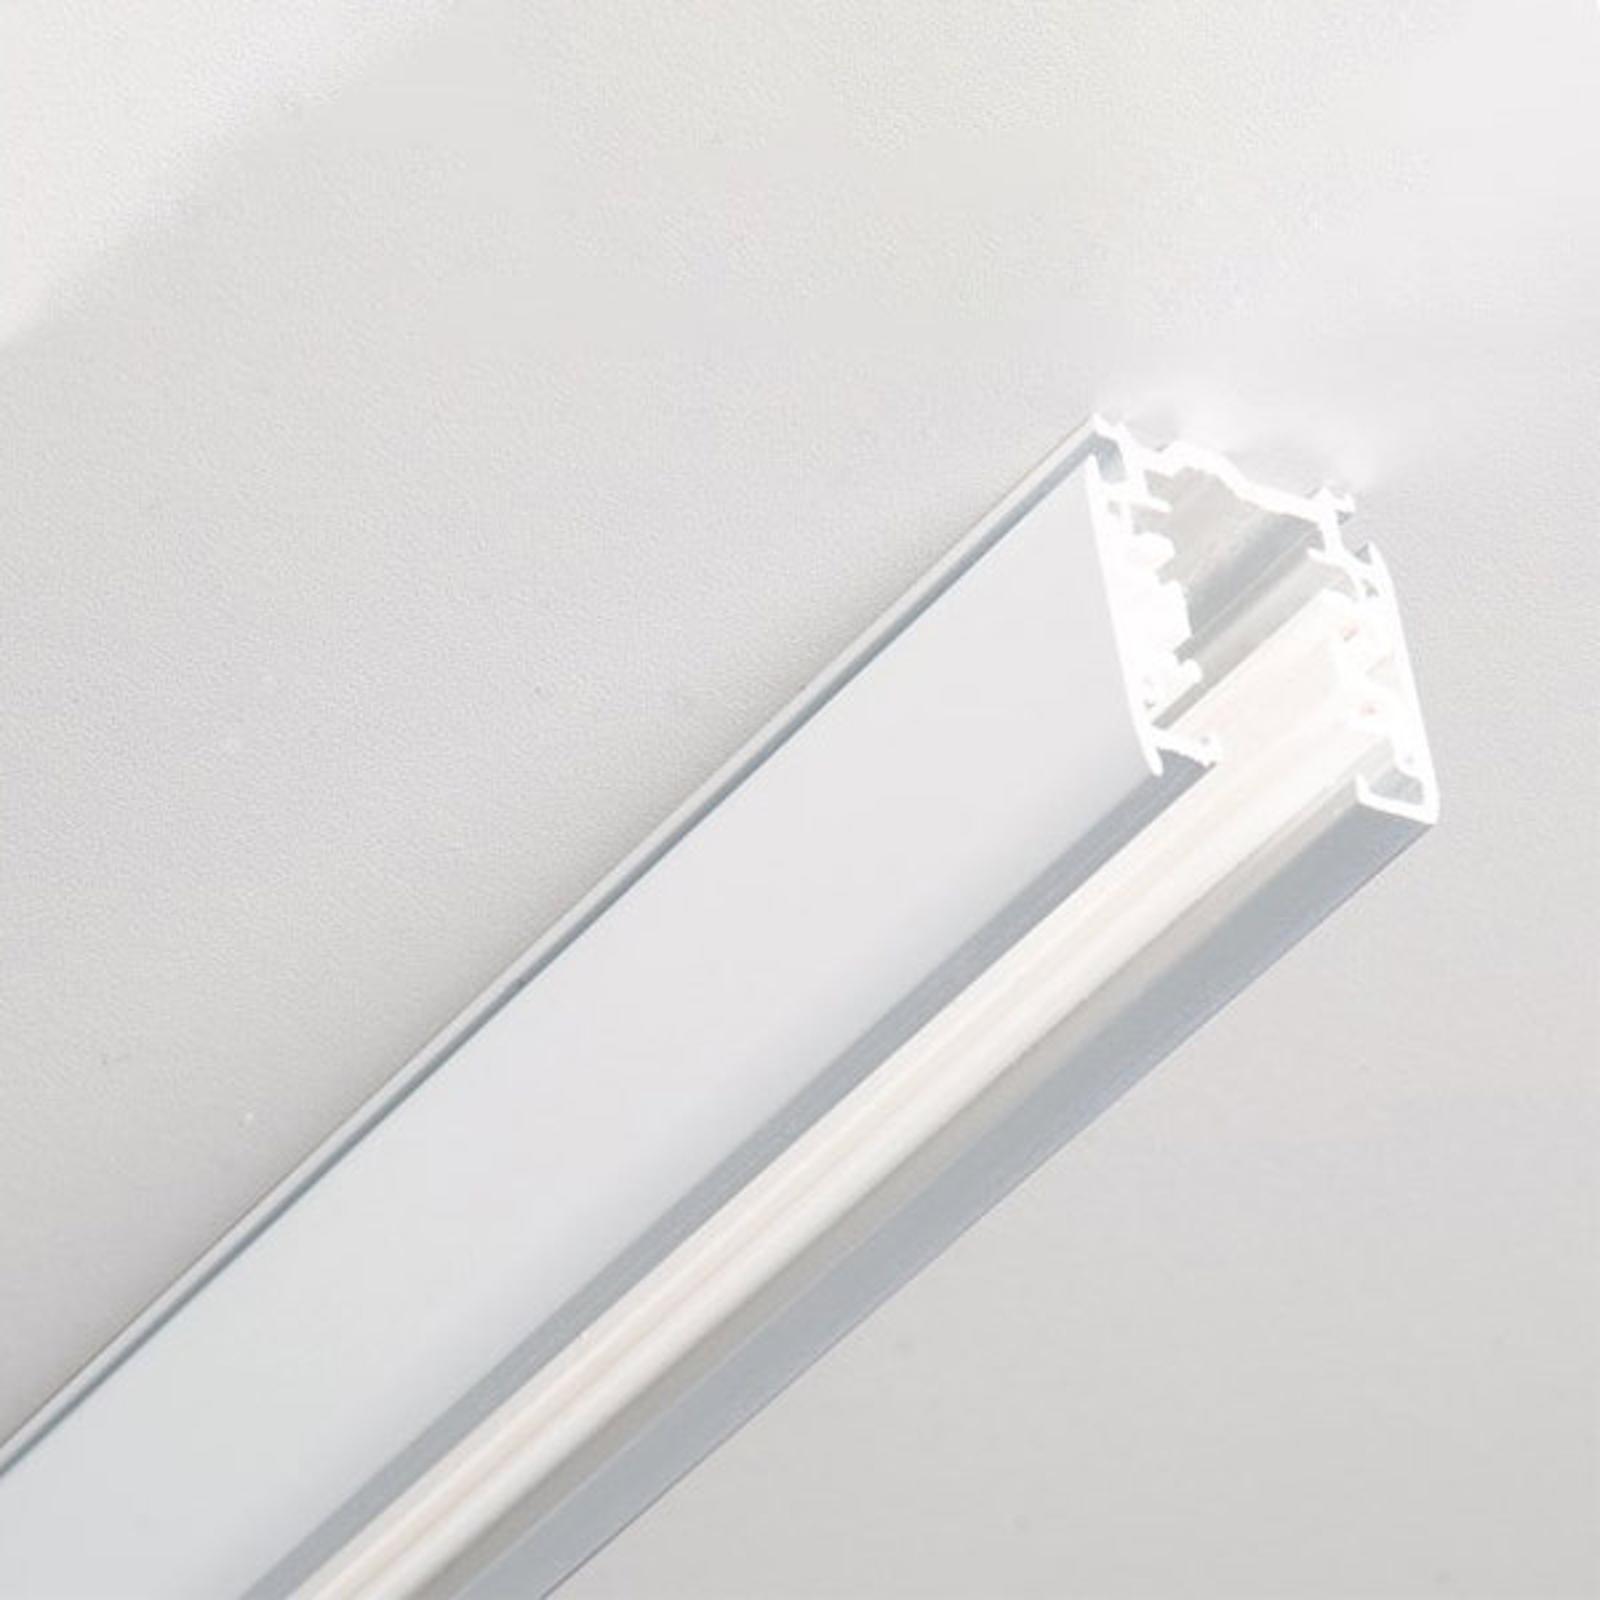 Noa aluminium 3-fase strømskinne 200cm, hvit